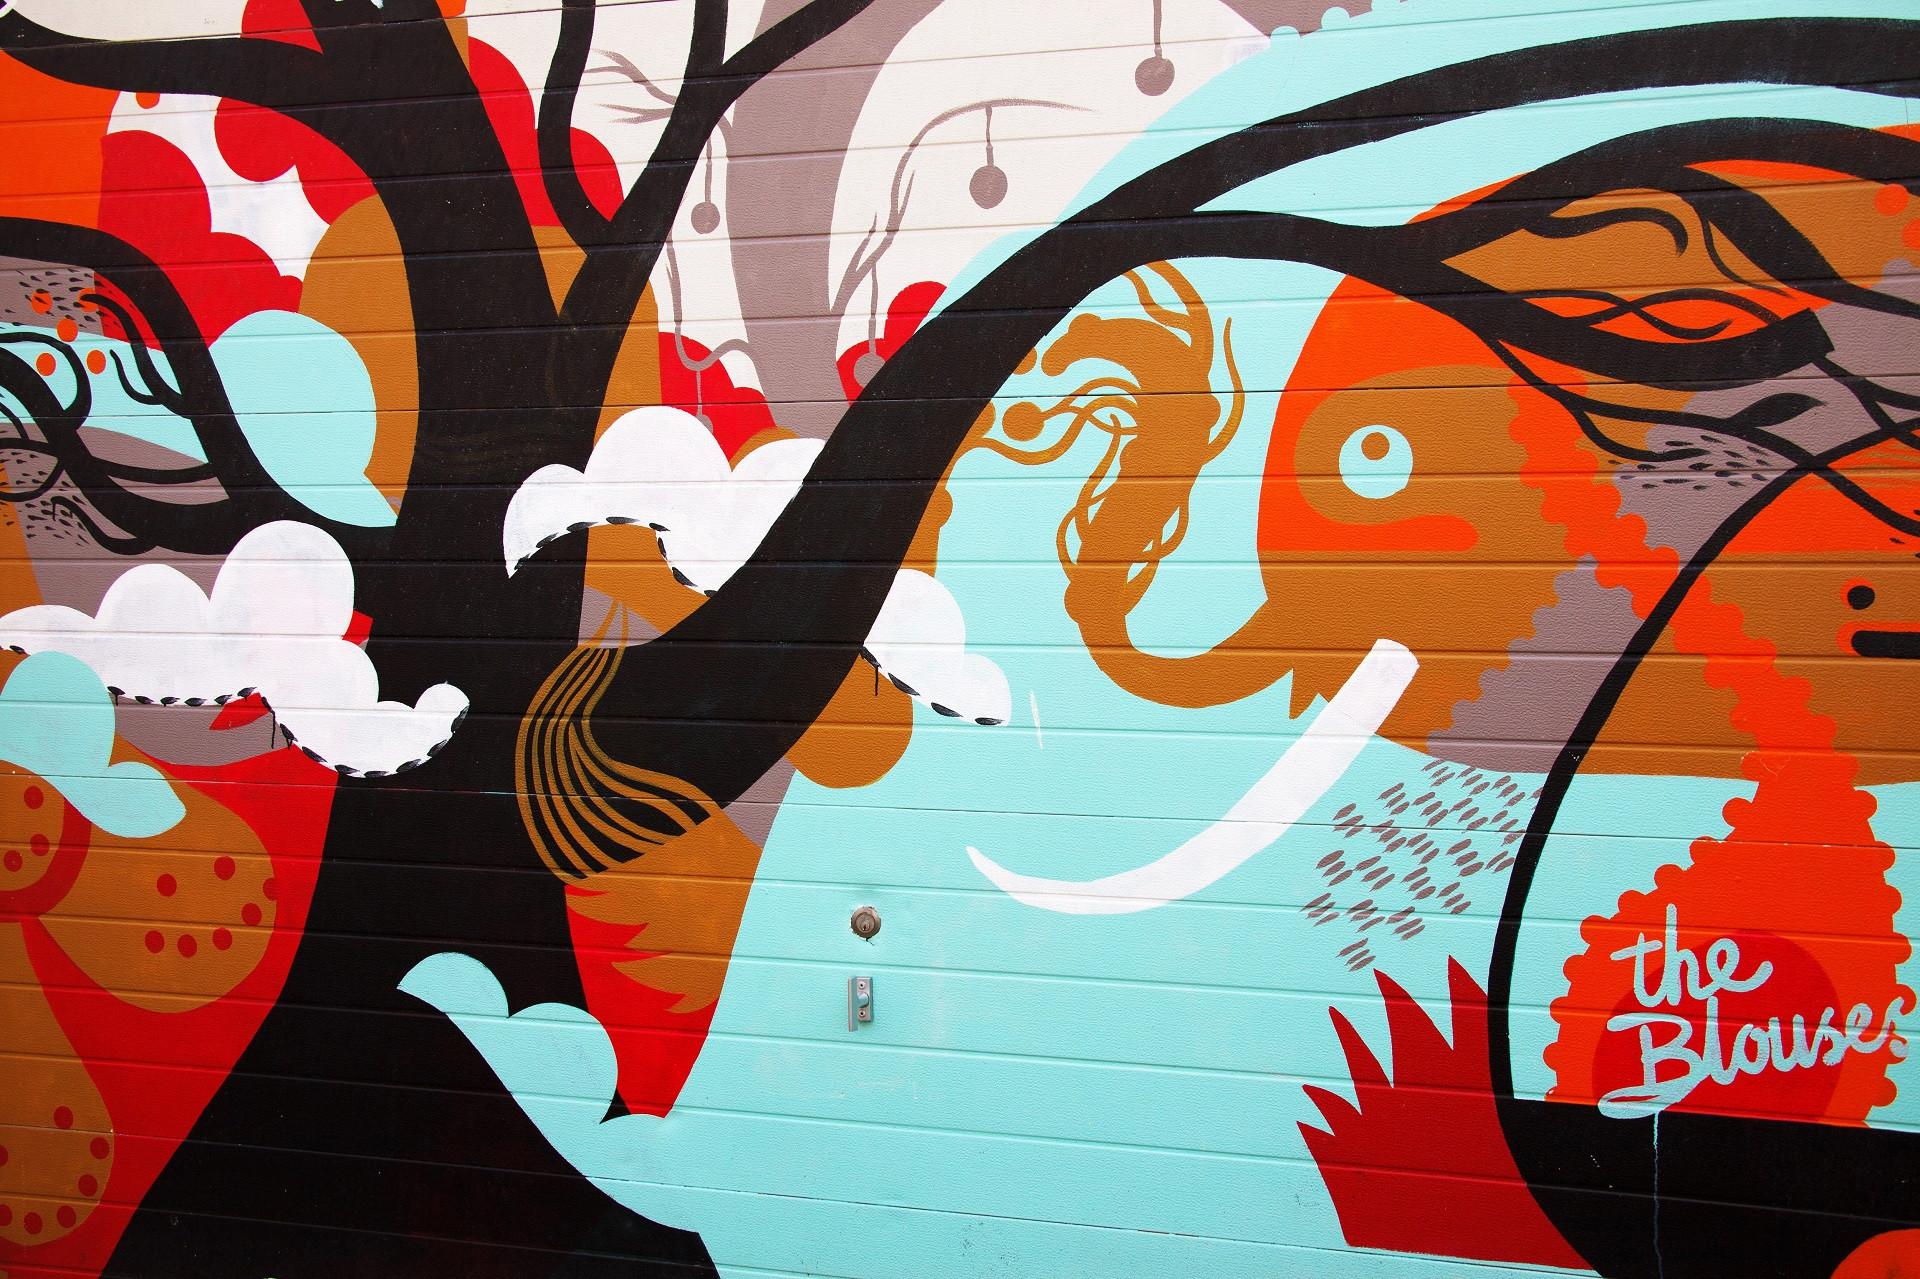 … Christian Graffiti Wallpaper Abstract Graffiti Art | Christian  Backgrounds & Wallpaper …